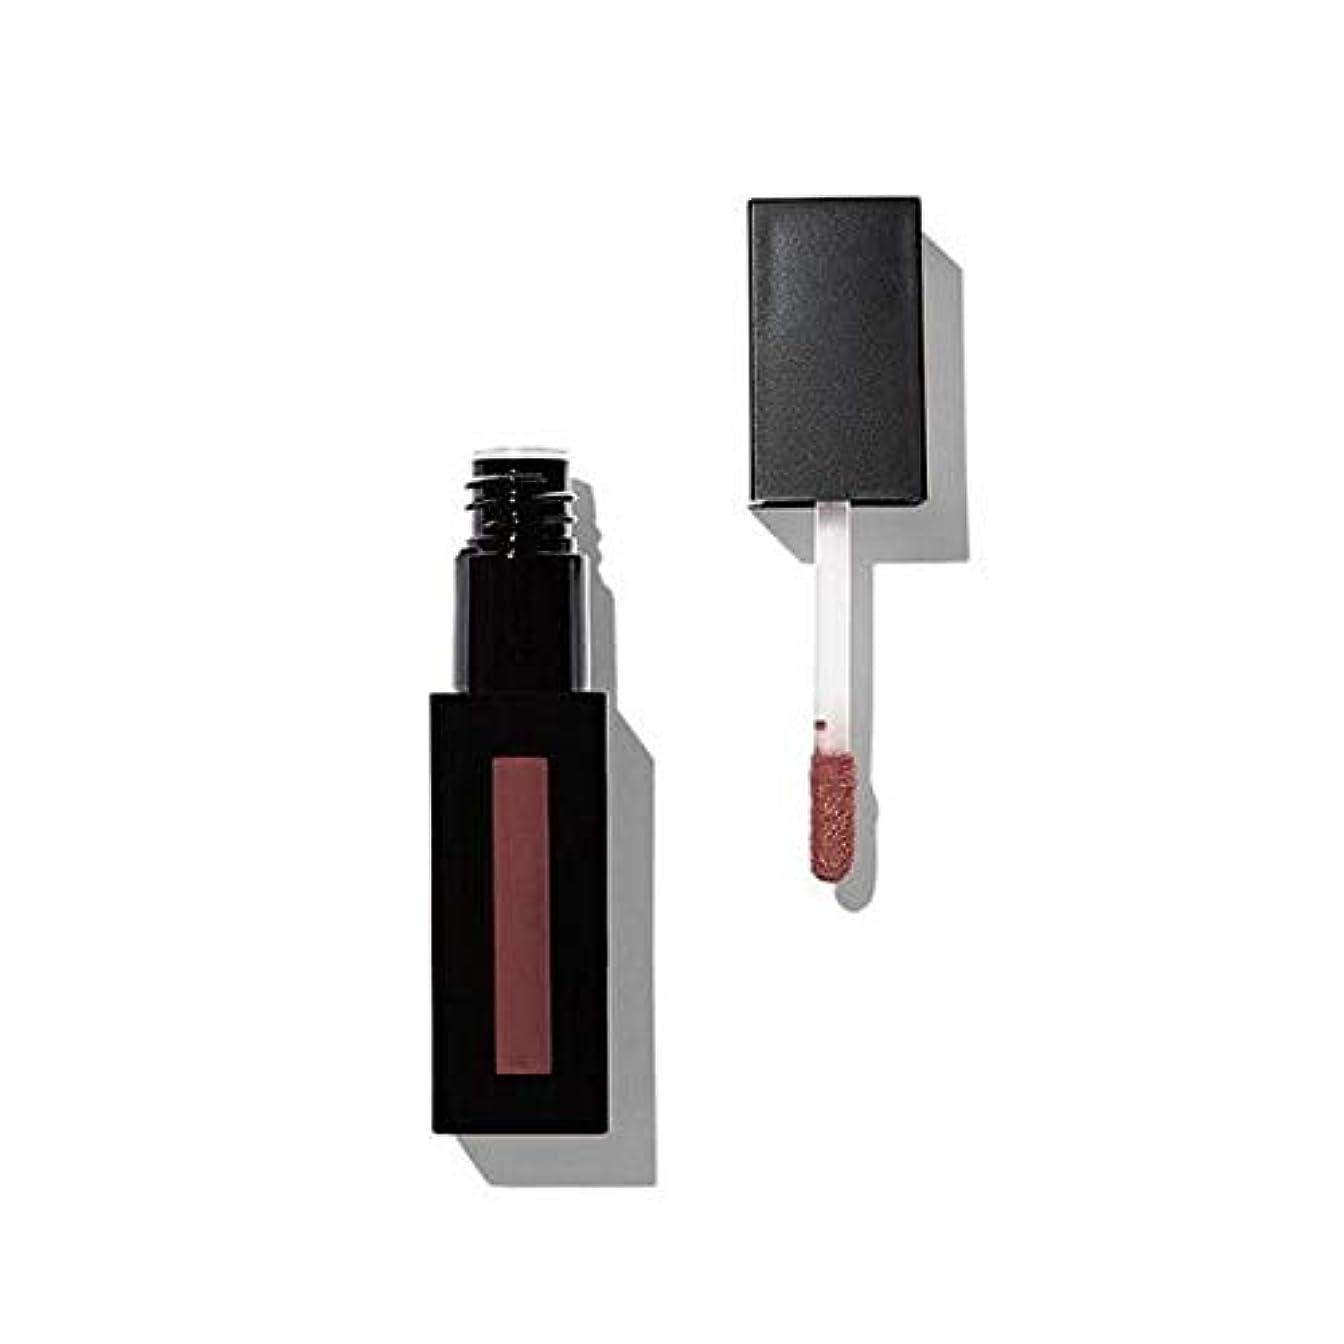 神学校愛情深いコンテスト[Revolution ] 革命プロ最高のマットリップ顔料ベール - Revolution Pro Supreme Matte Lip Pigment Veil [並行輸入品]